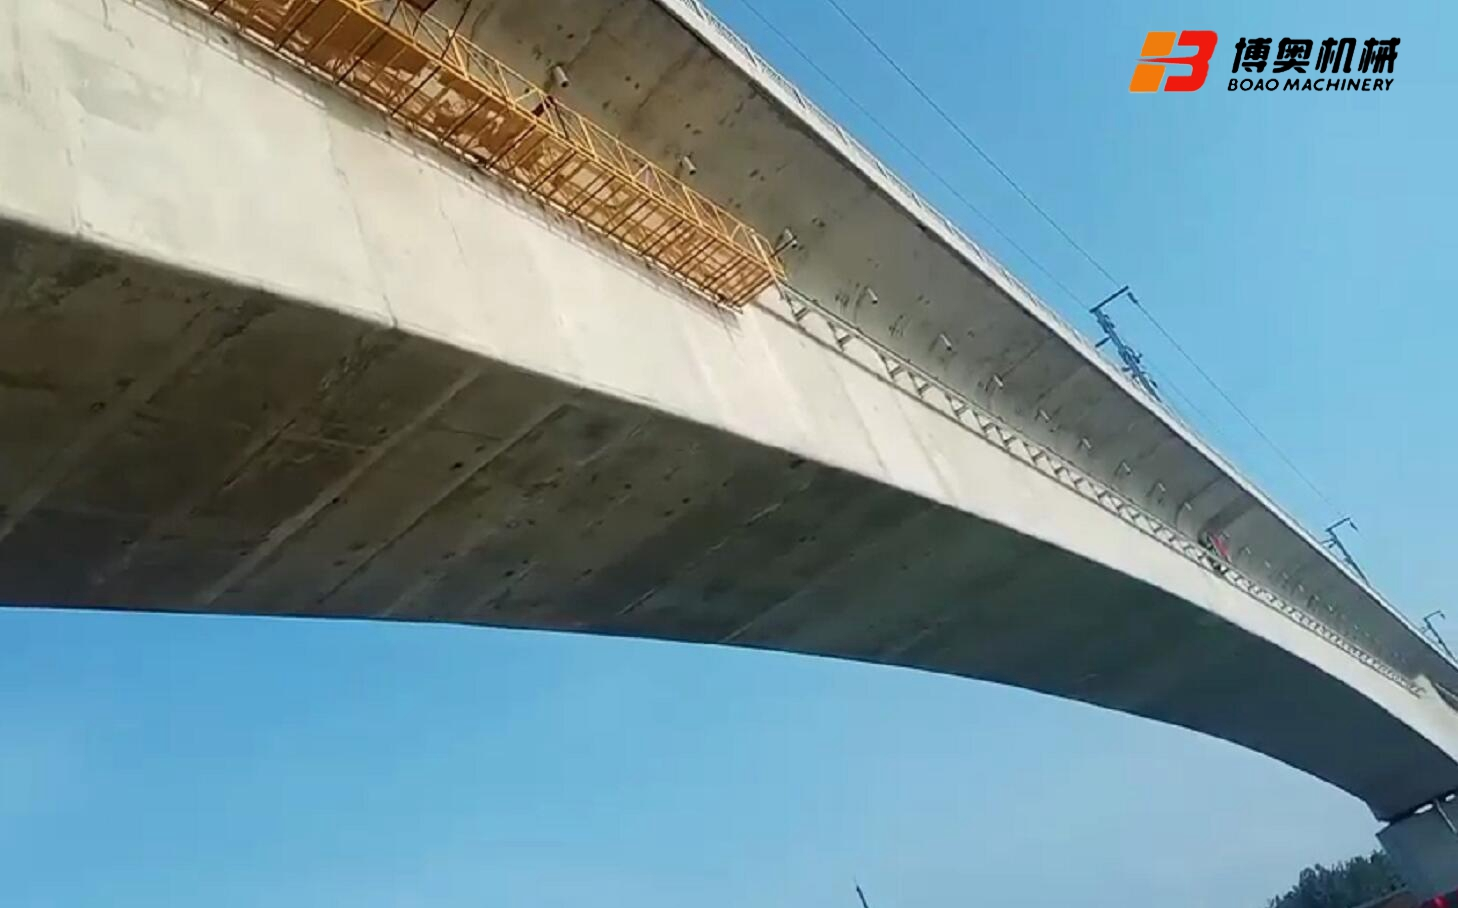 鐵路高鐵橋檢查小車存在的優勢